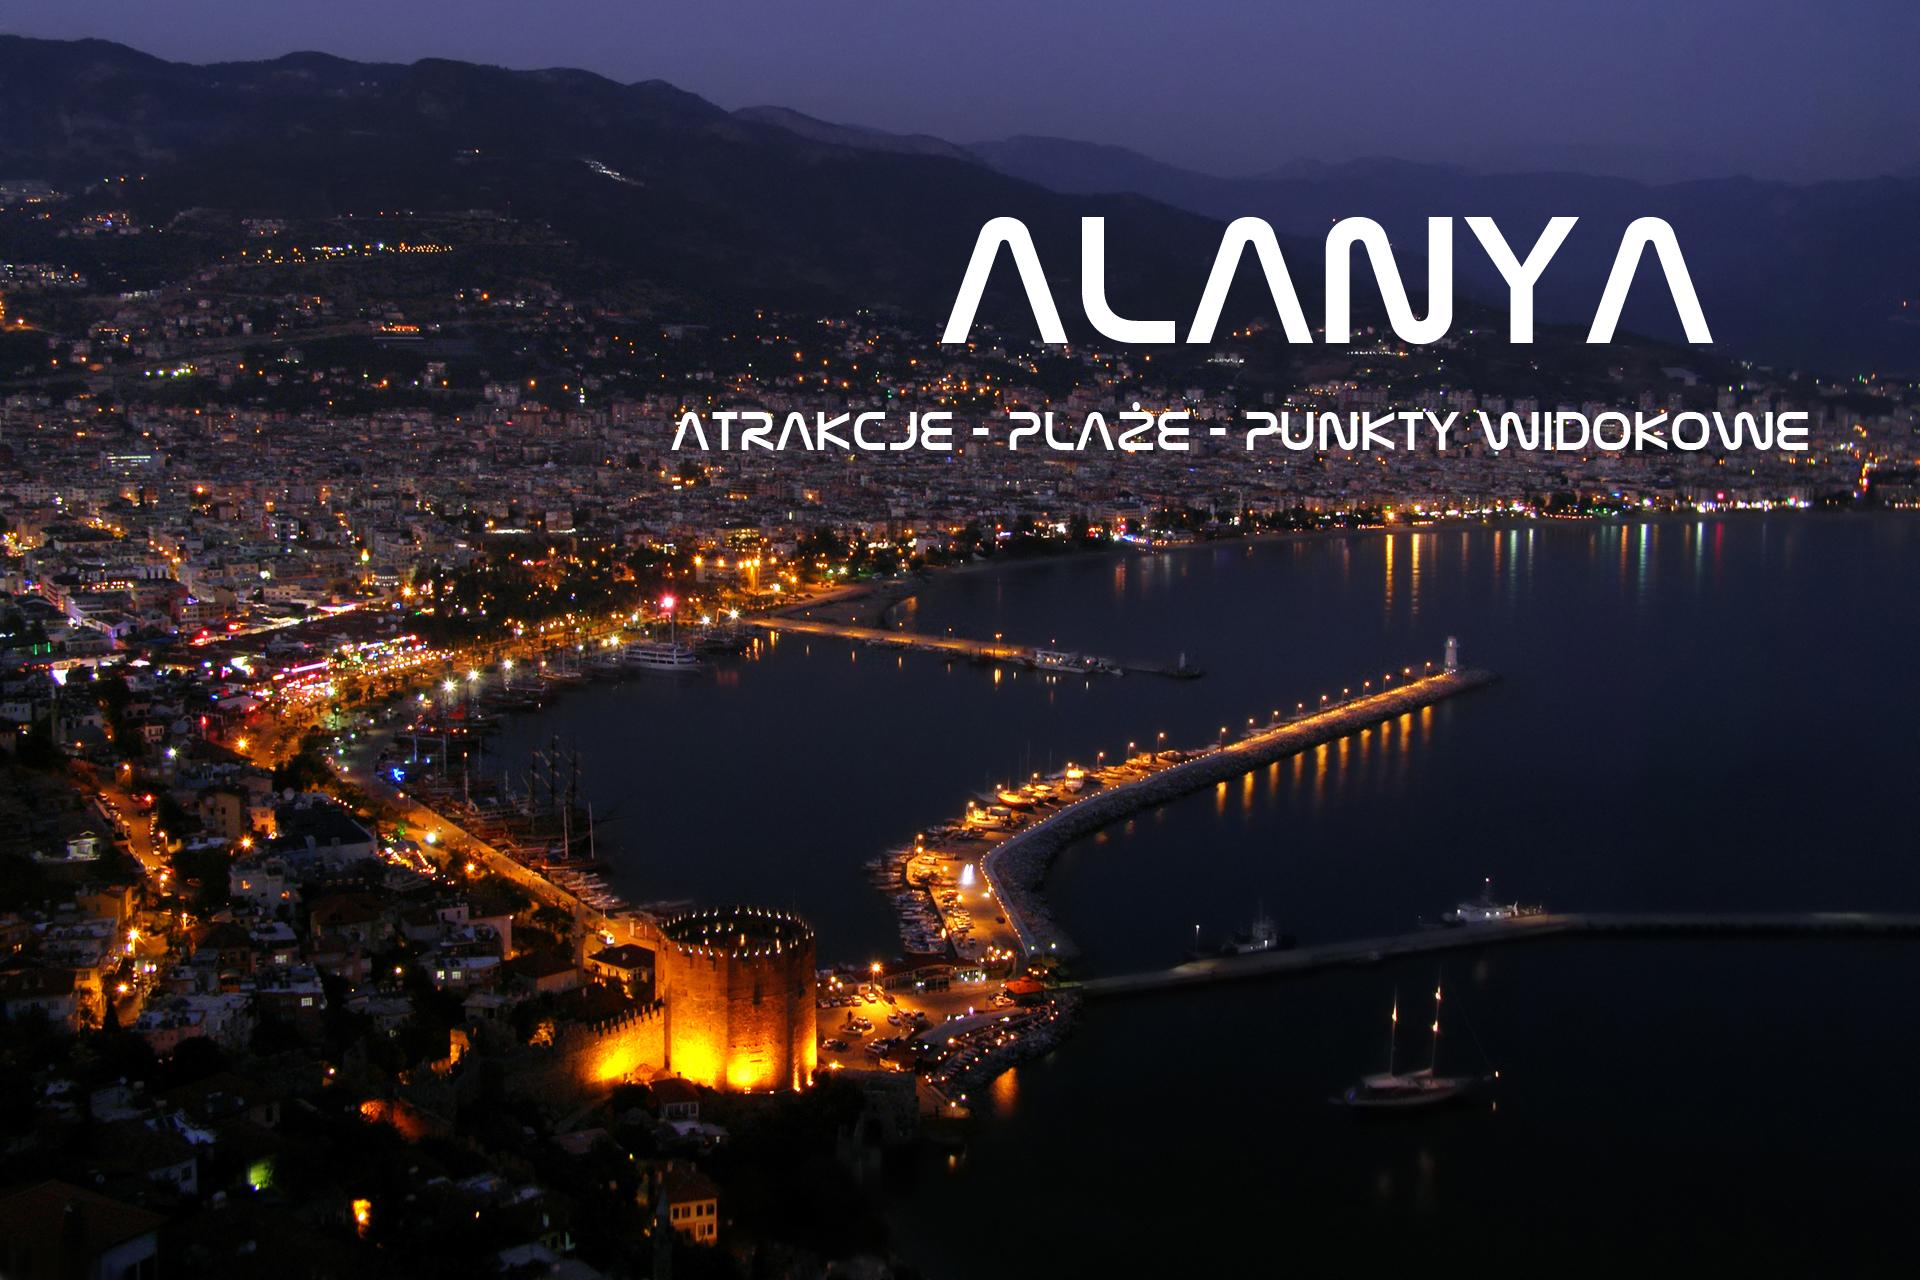 Alanya – atrakcje, plaże, punkty widokowe